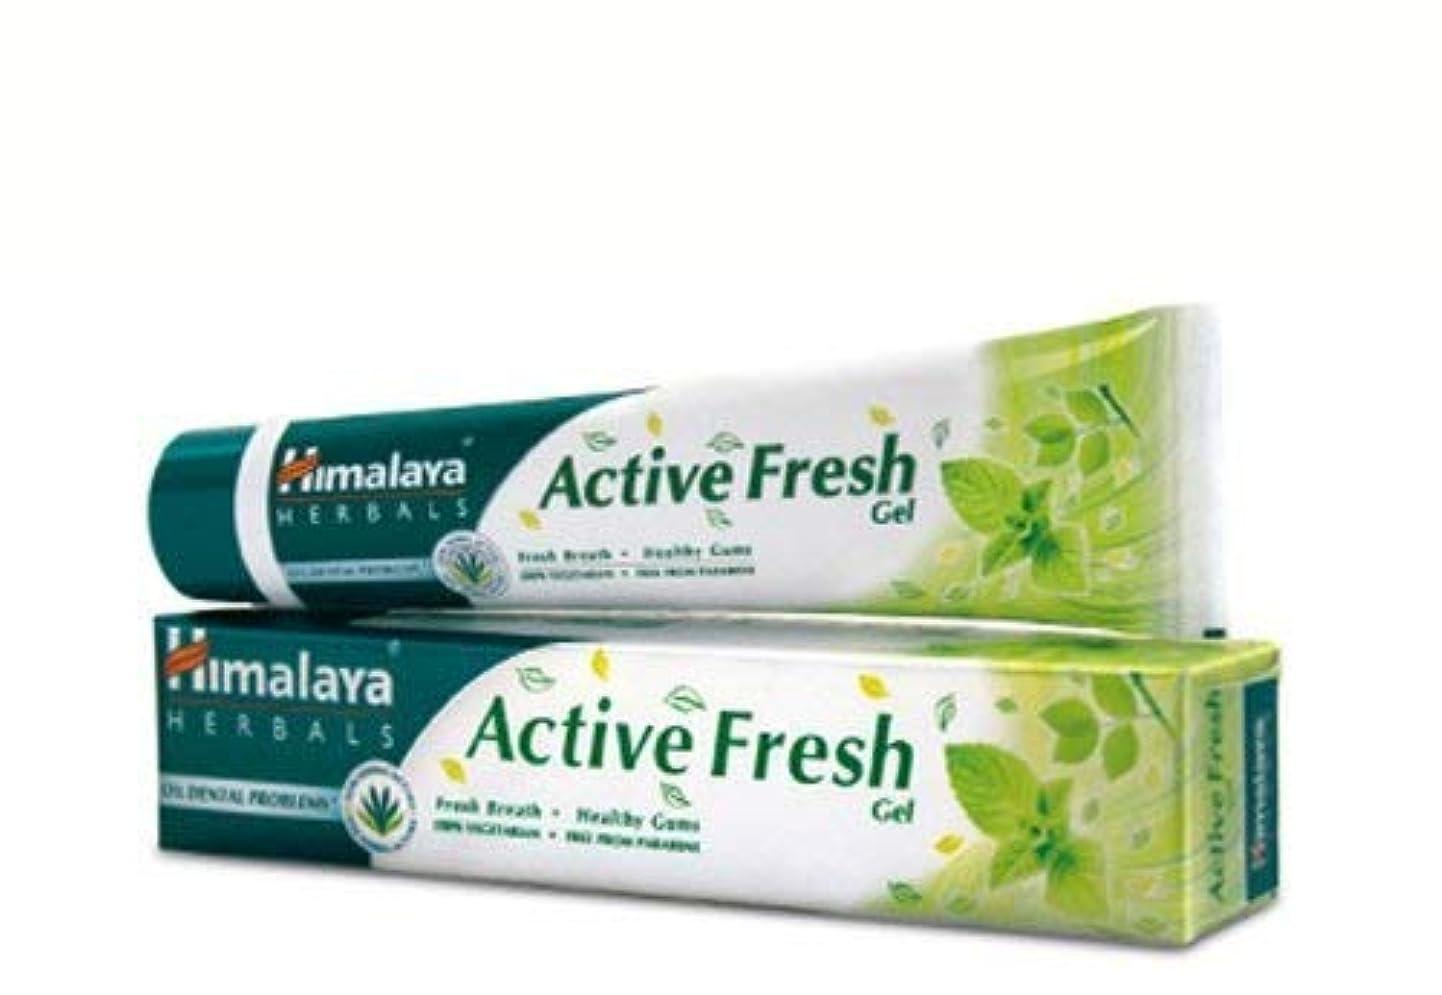 アンプ通常フェッチヒマラヤ トゥースペイスト アクティブ フレッシュ(歯磨き粉)80g 2本Set Himalaya Active Fresh Toothpaste